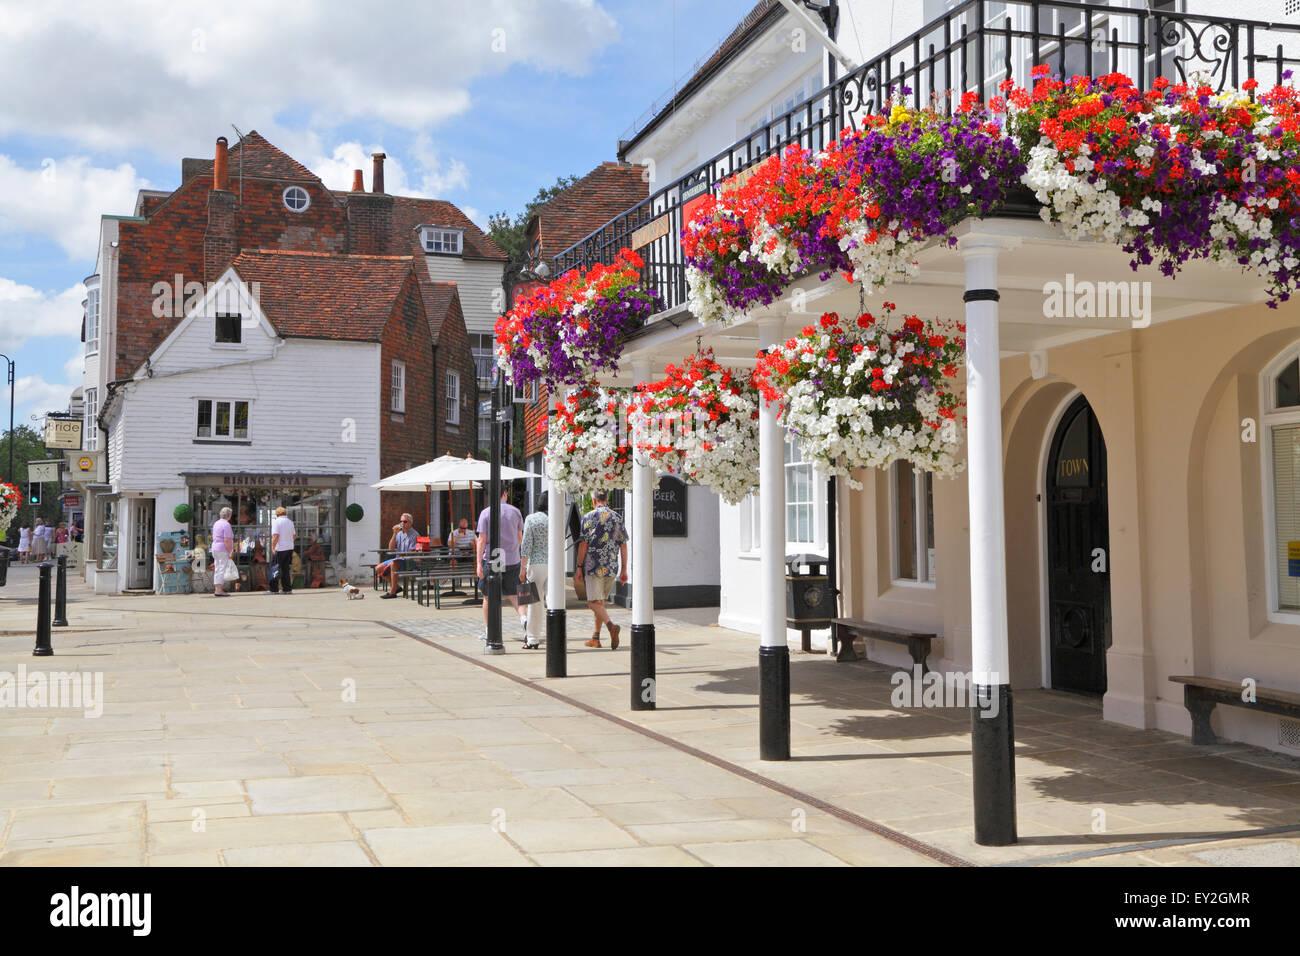 Tenterden, Kent, UK - Stock Image